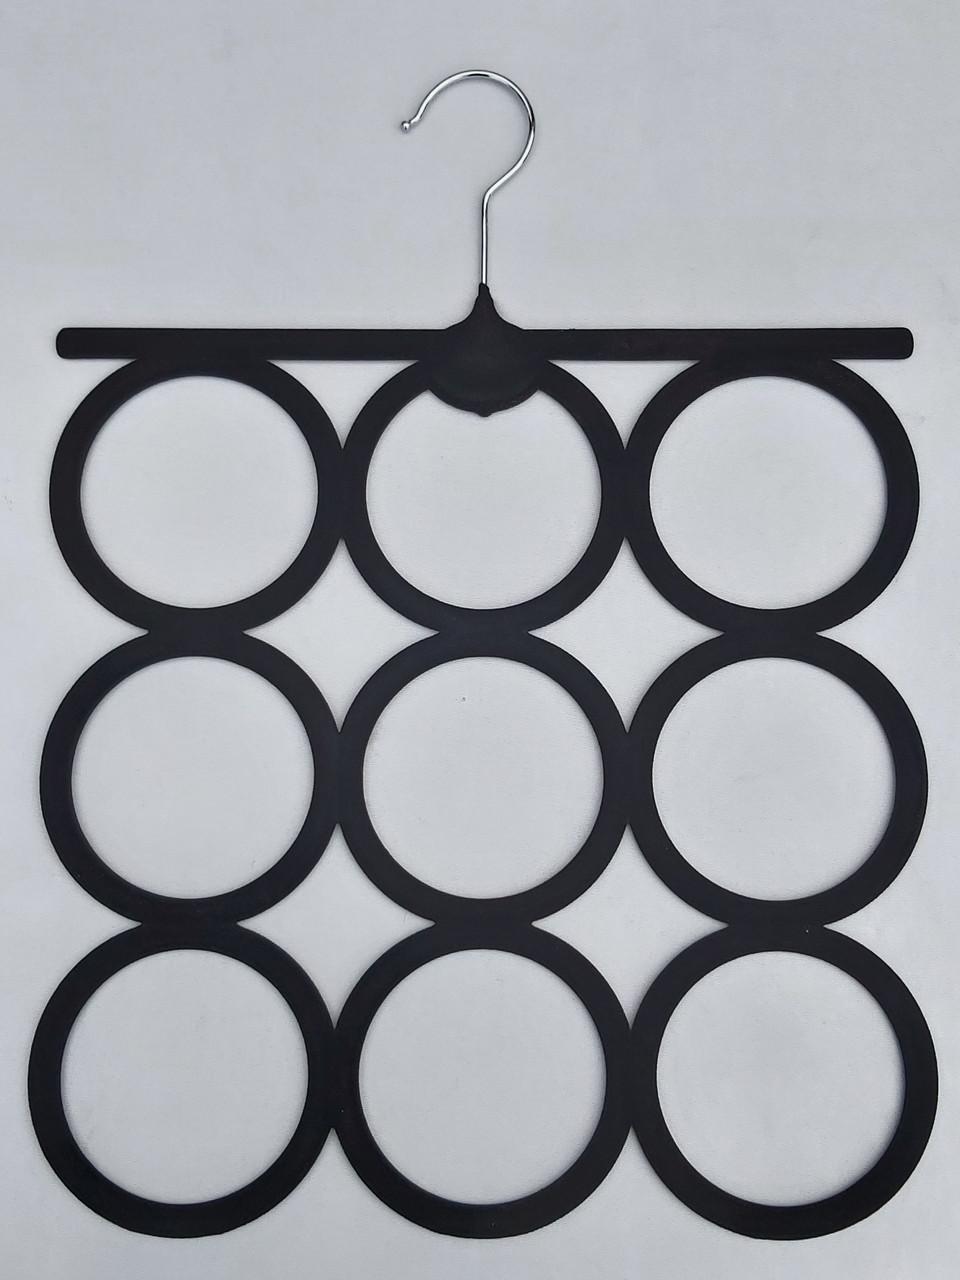 Плечики вешалки тремпеля флокированные черного цвета для аксессуаров